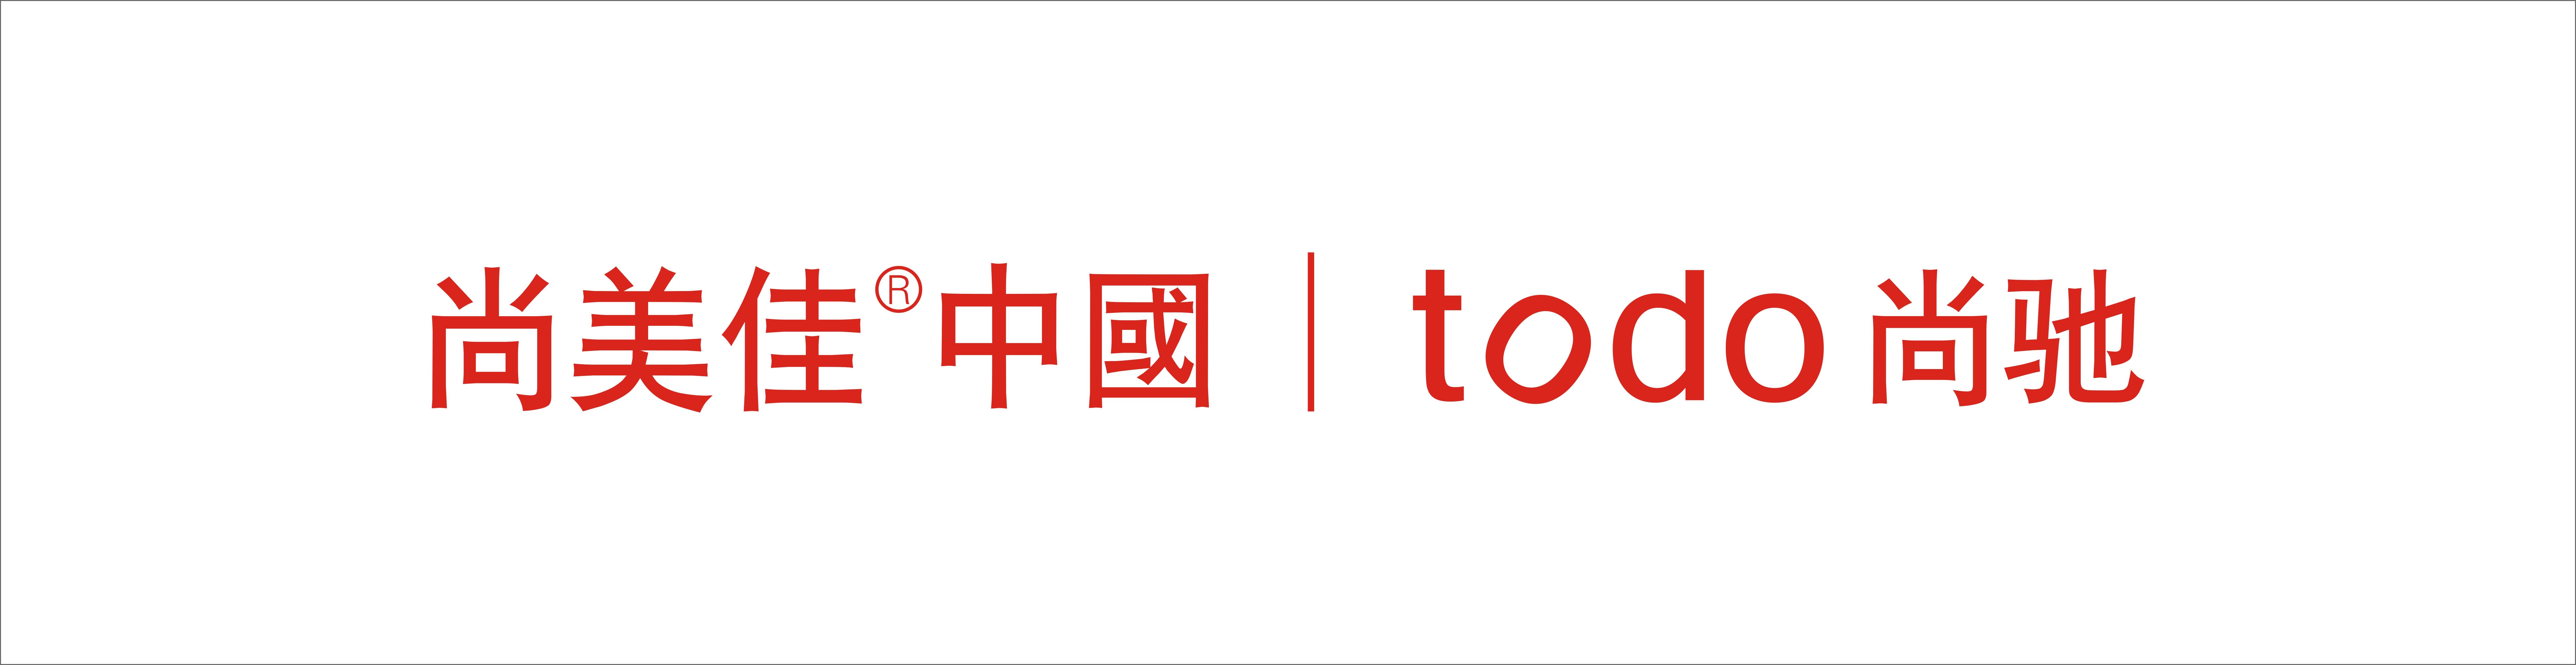 logo公司.jpg